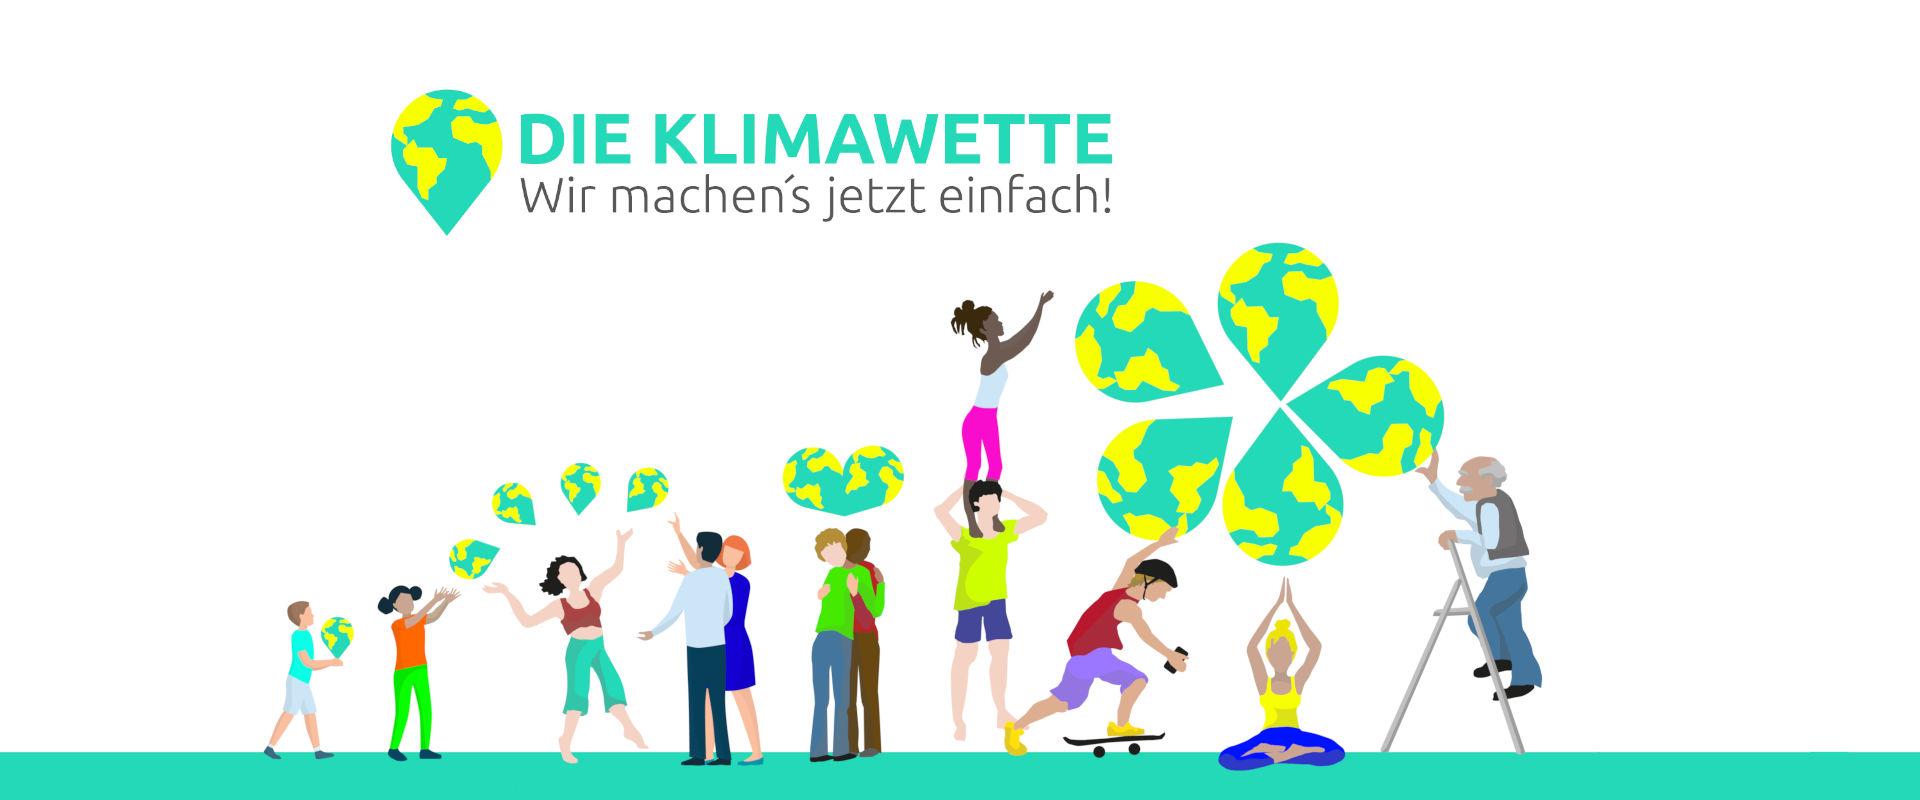 Permalink zu:Klimawette: Wetten, dass wir CO2 einsparen?